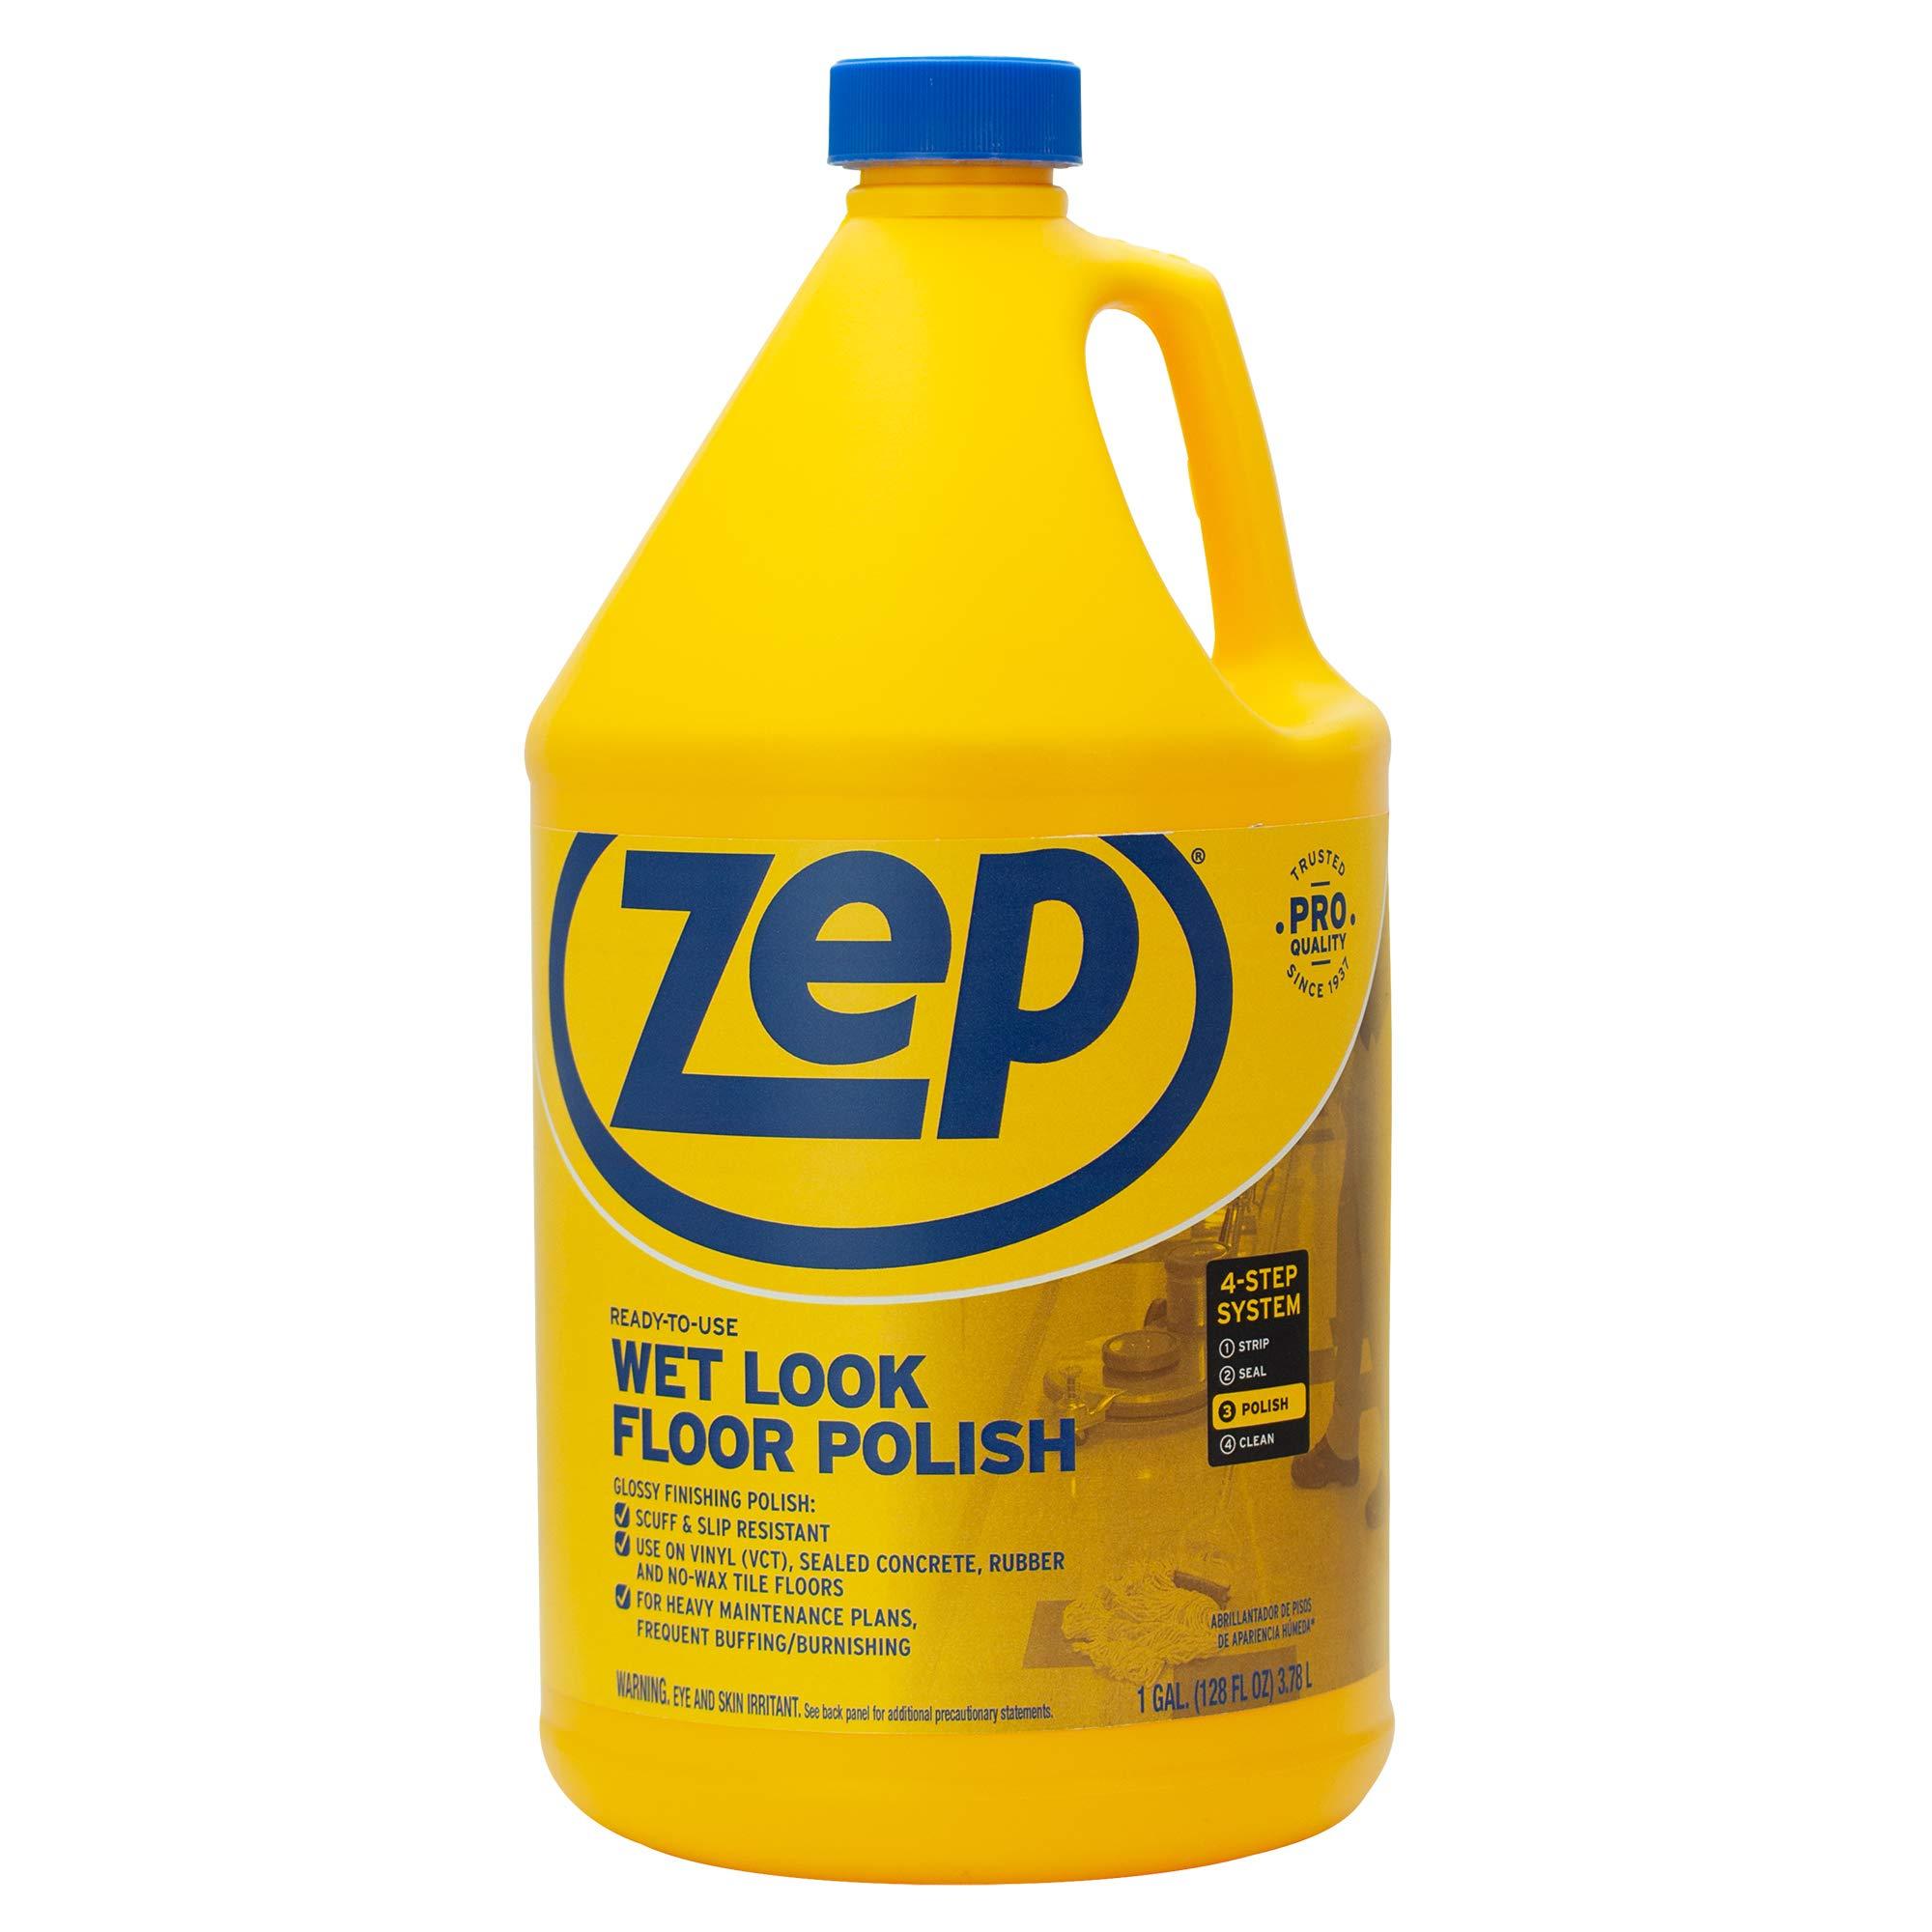 Zep Commercial 1044898 Wet Look Floor Polish, 1 gal Bottle by Zep